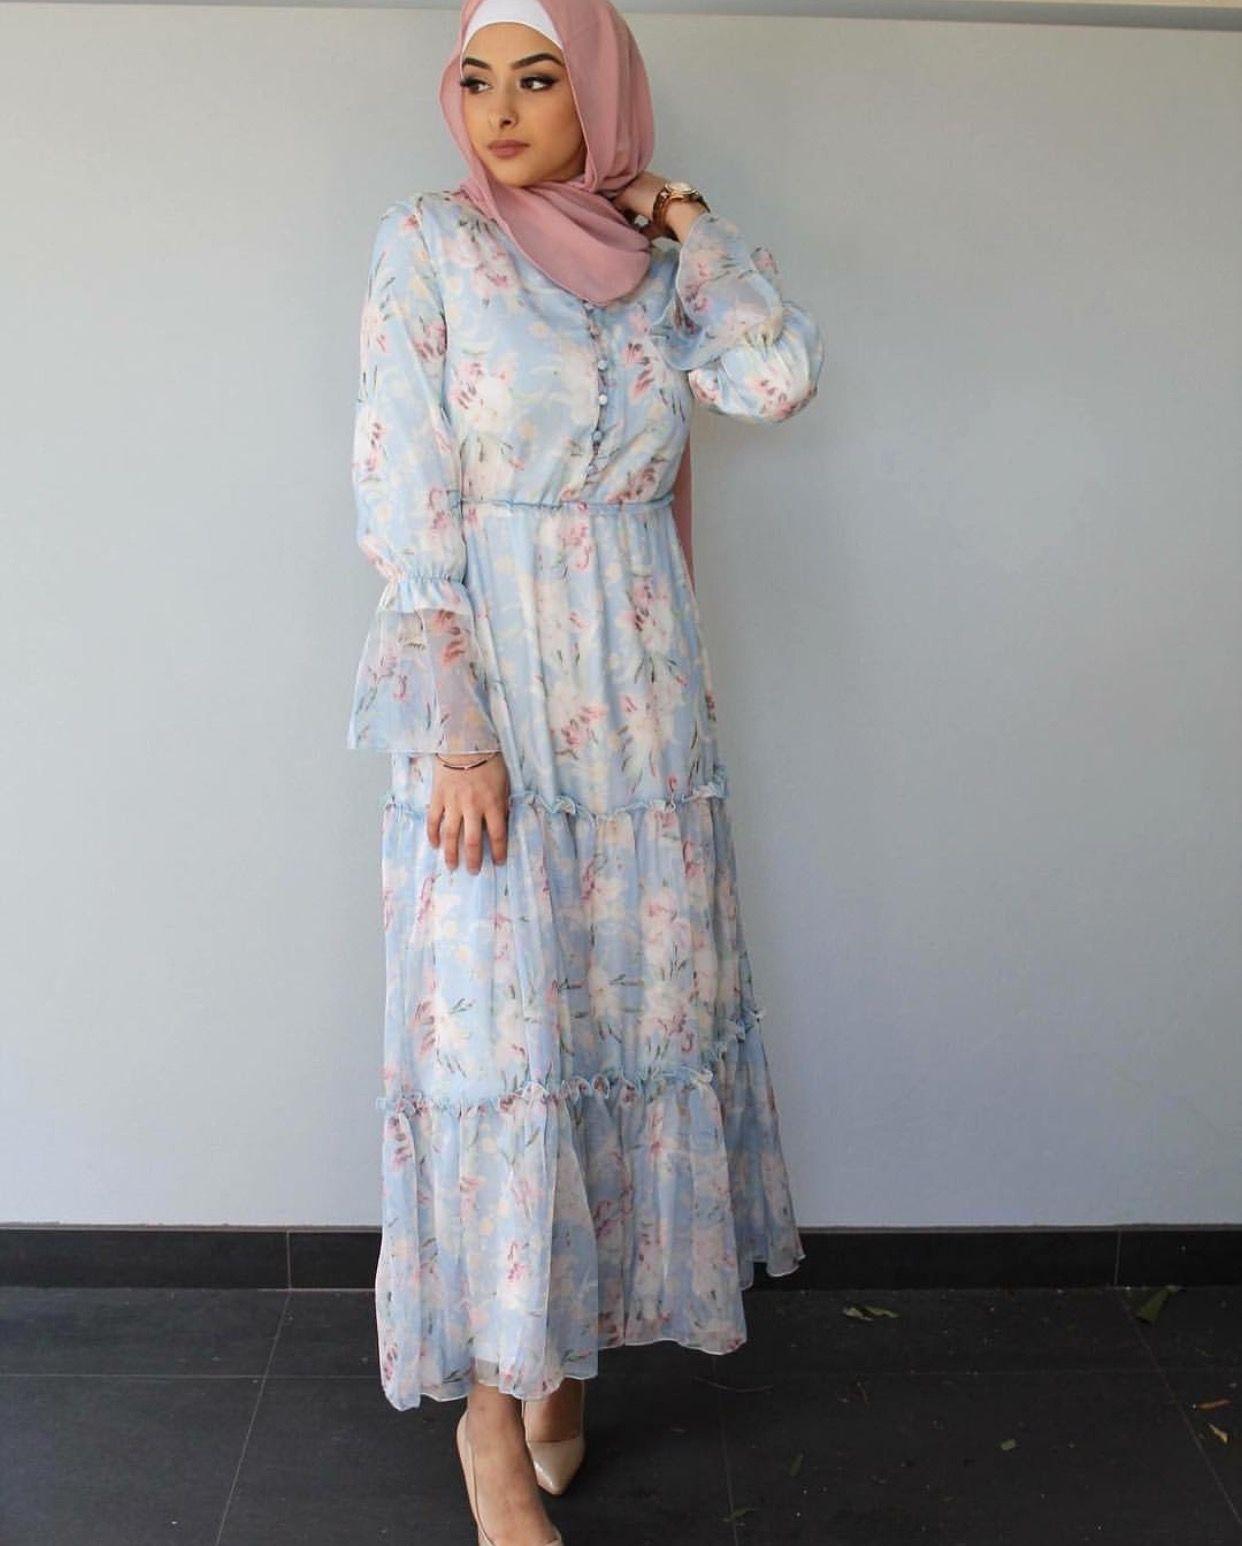 Pinterest adarkurdish ottd hijab robe pinterest hijab outfit